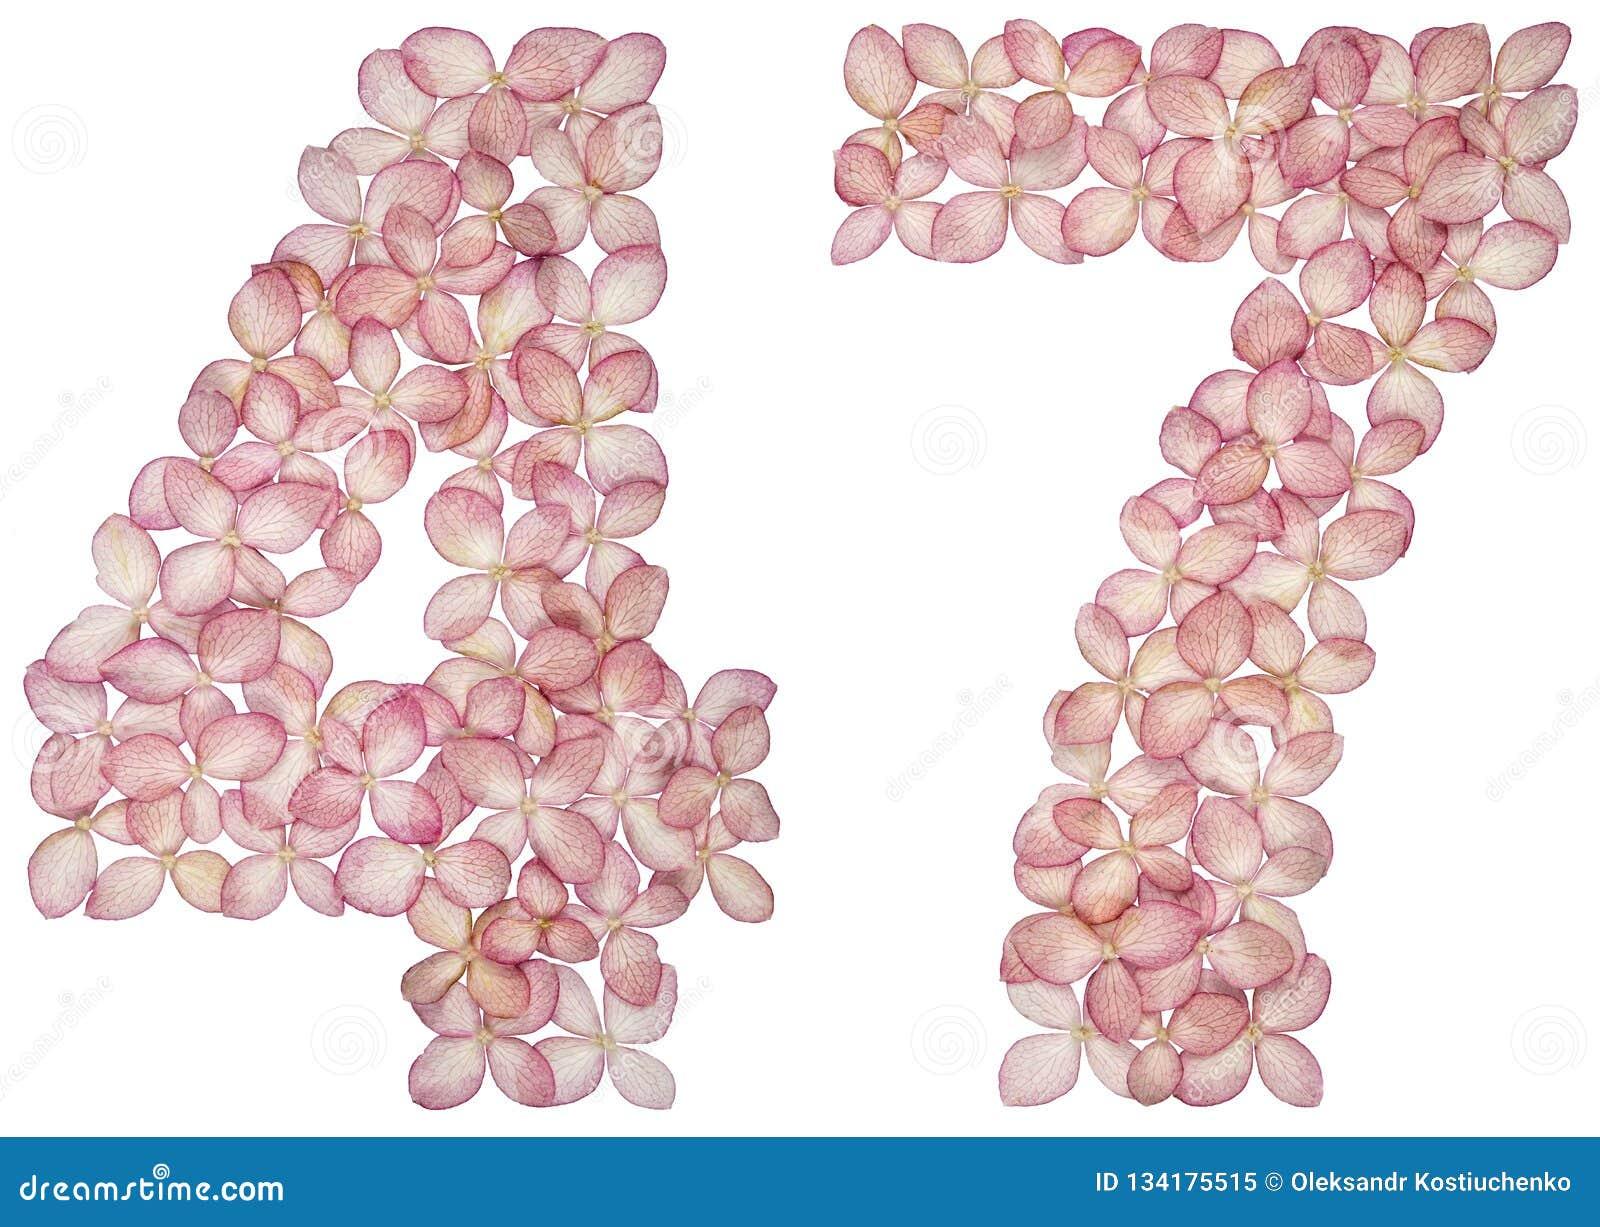 Arabski liczebnik 47, czterdzieści siedem, od kwiatów hortensja, odizolowywających na białym tle